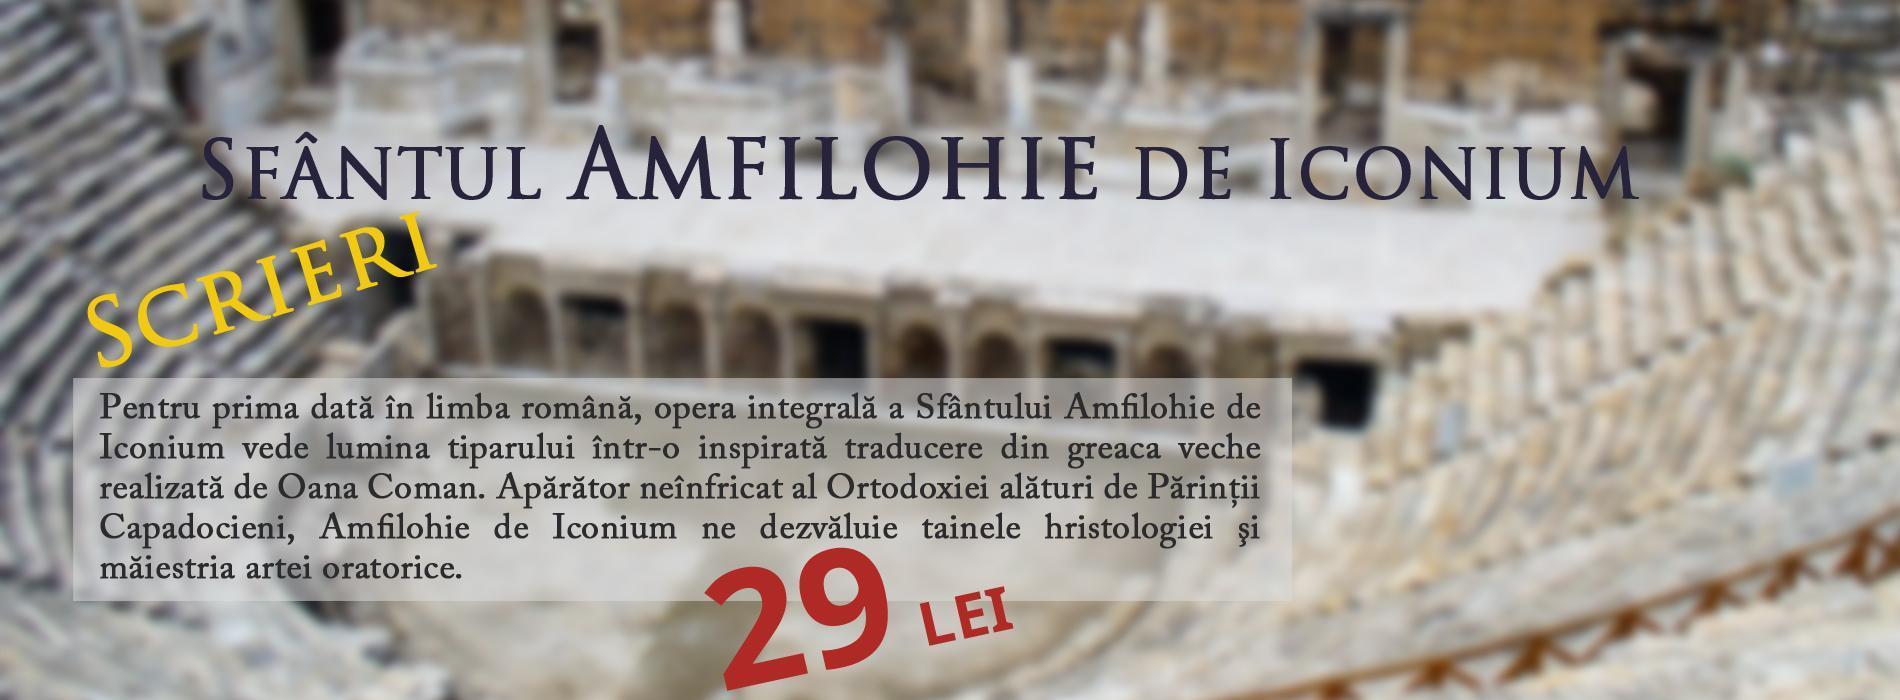 Scrieri, Sfântul Amfilohie de Iconium